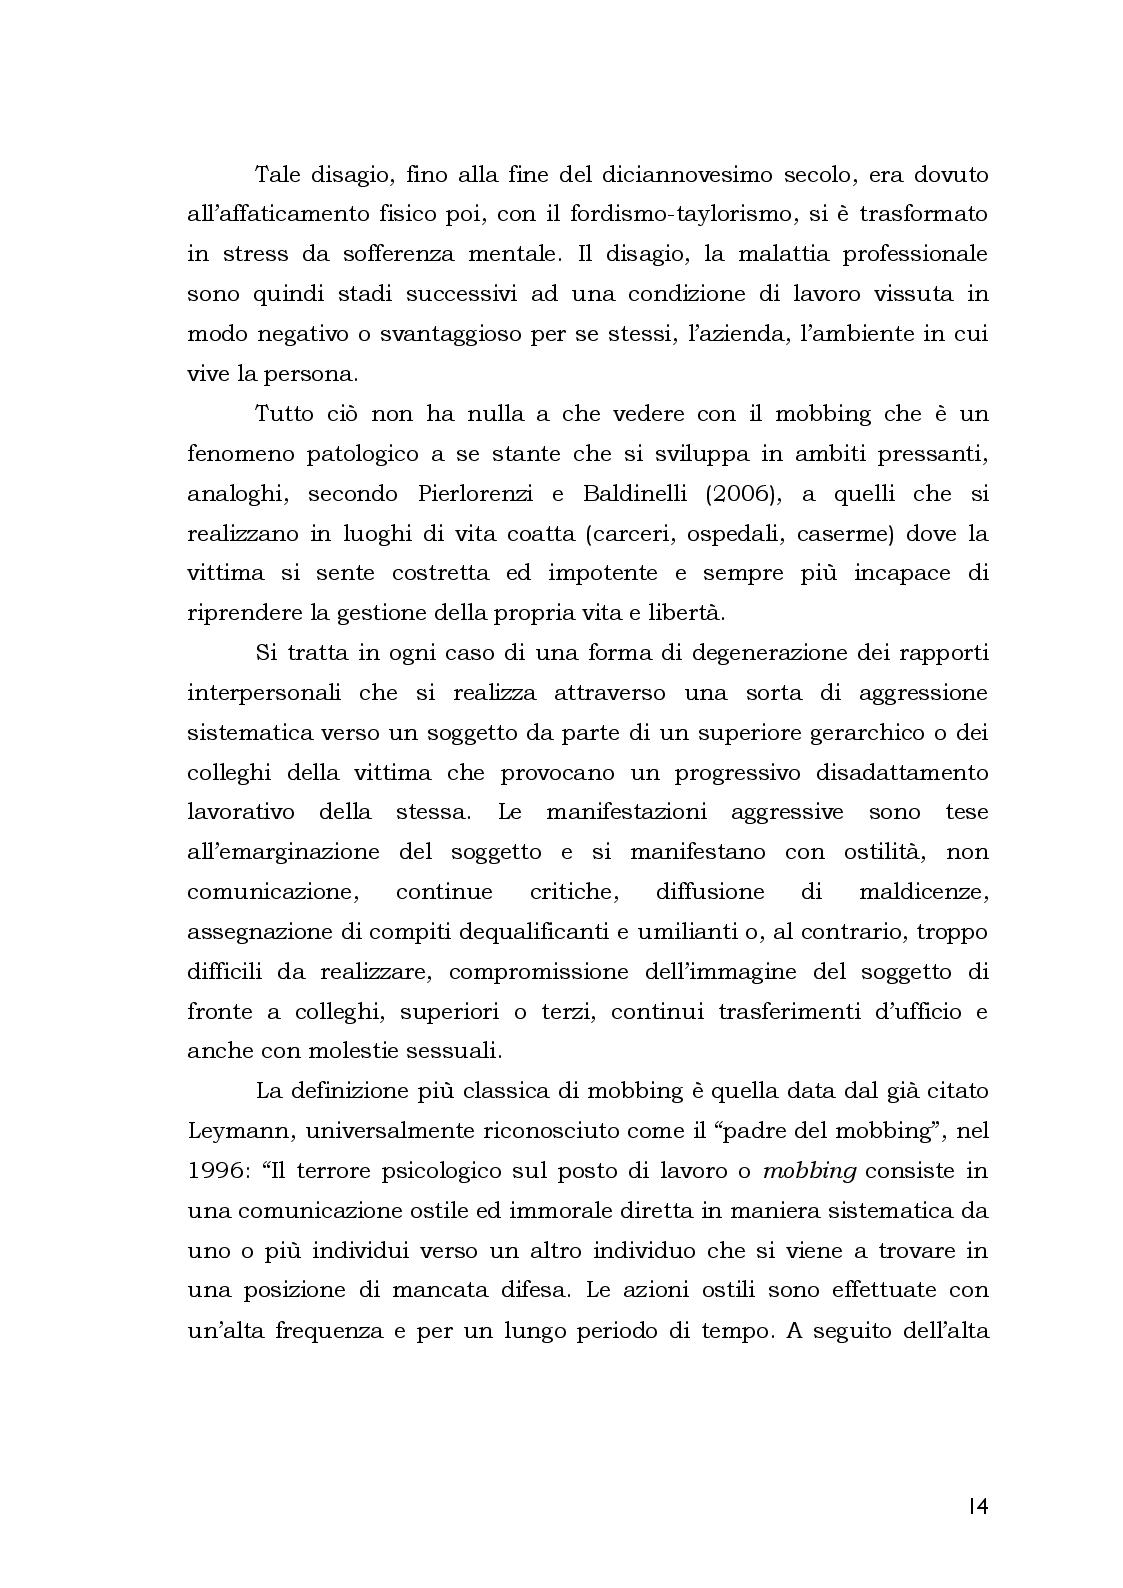 Estratto dalla tesi: Aspetti Psicosociali e Girudici del Mobbing nella Pubblica Amministrazione.  Analisi Comparata